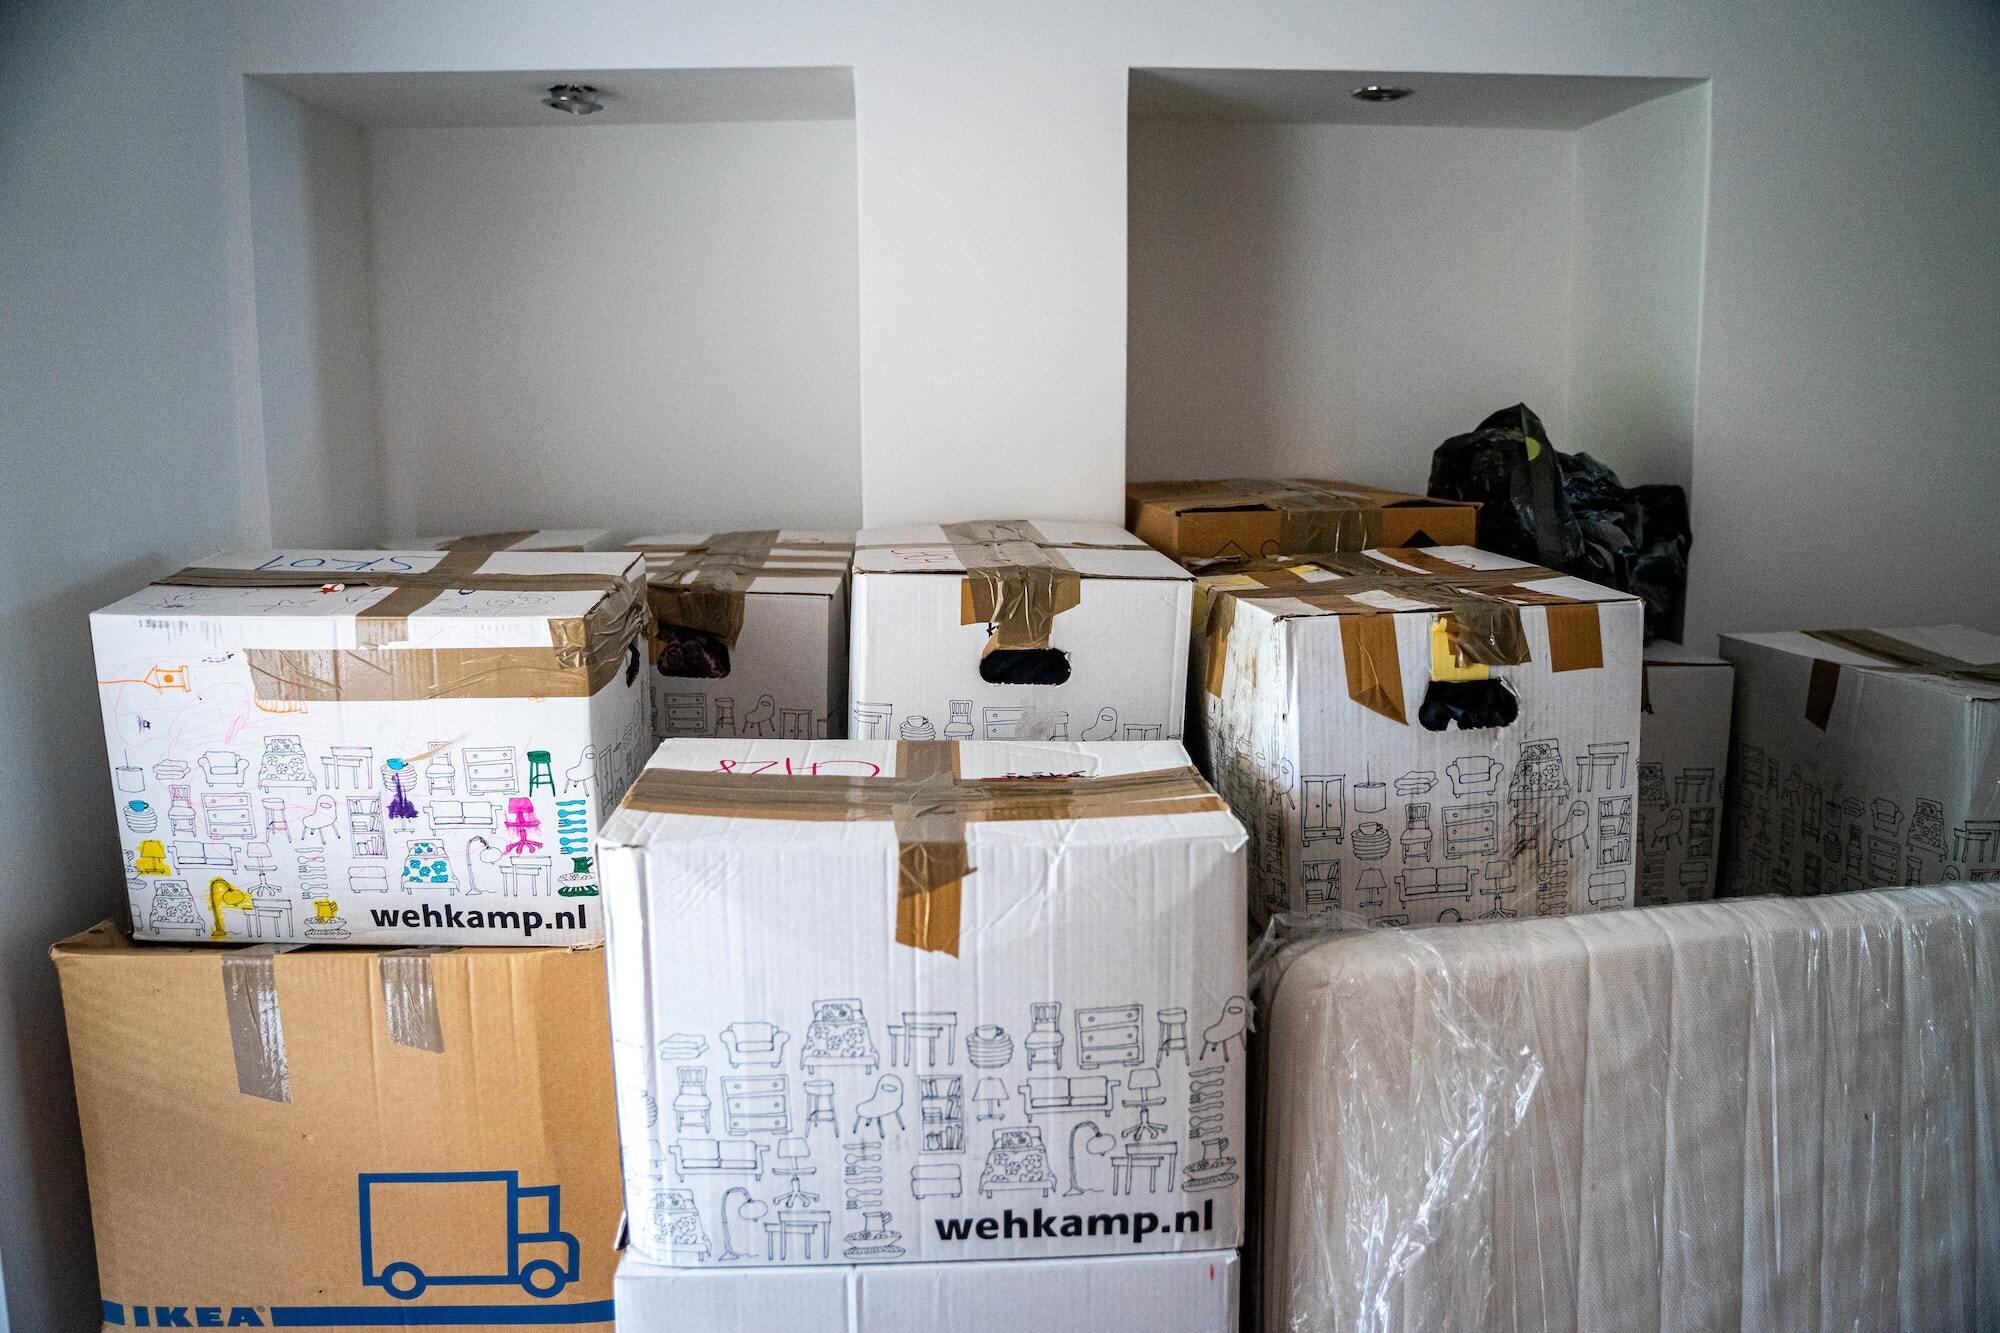 Des cartons de déménagement gratuits